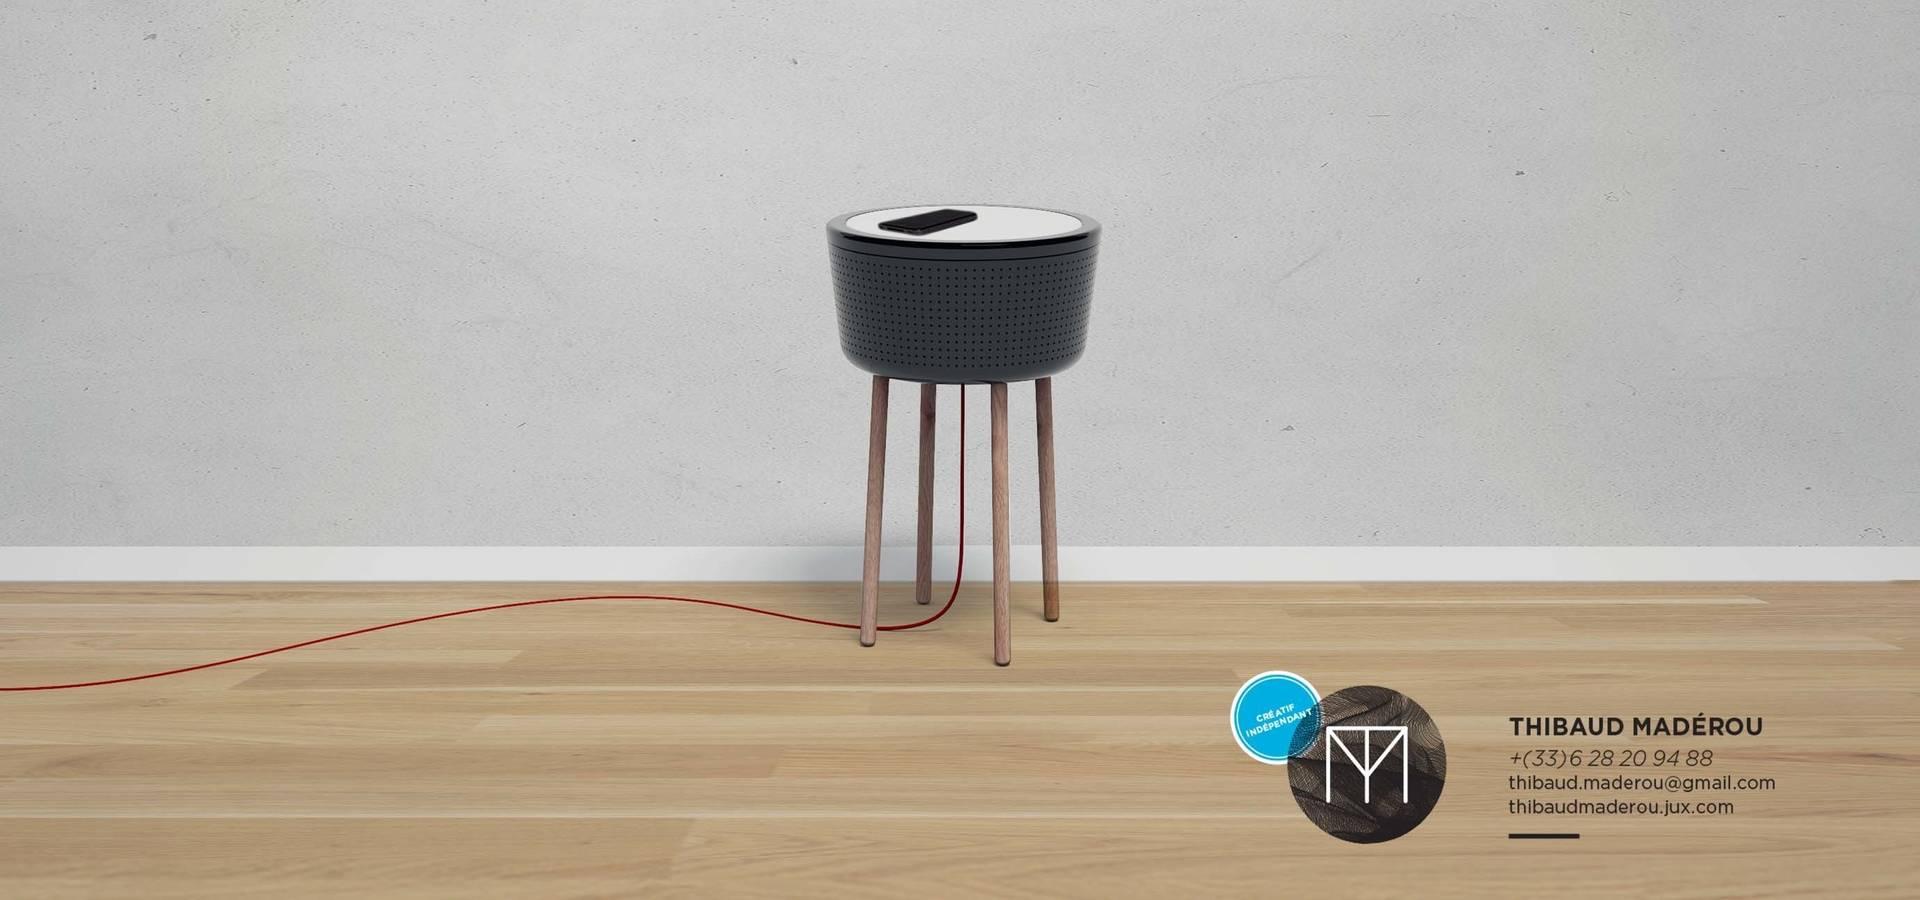 TM – Créatif Indépendant